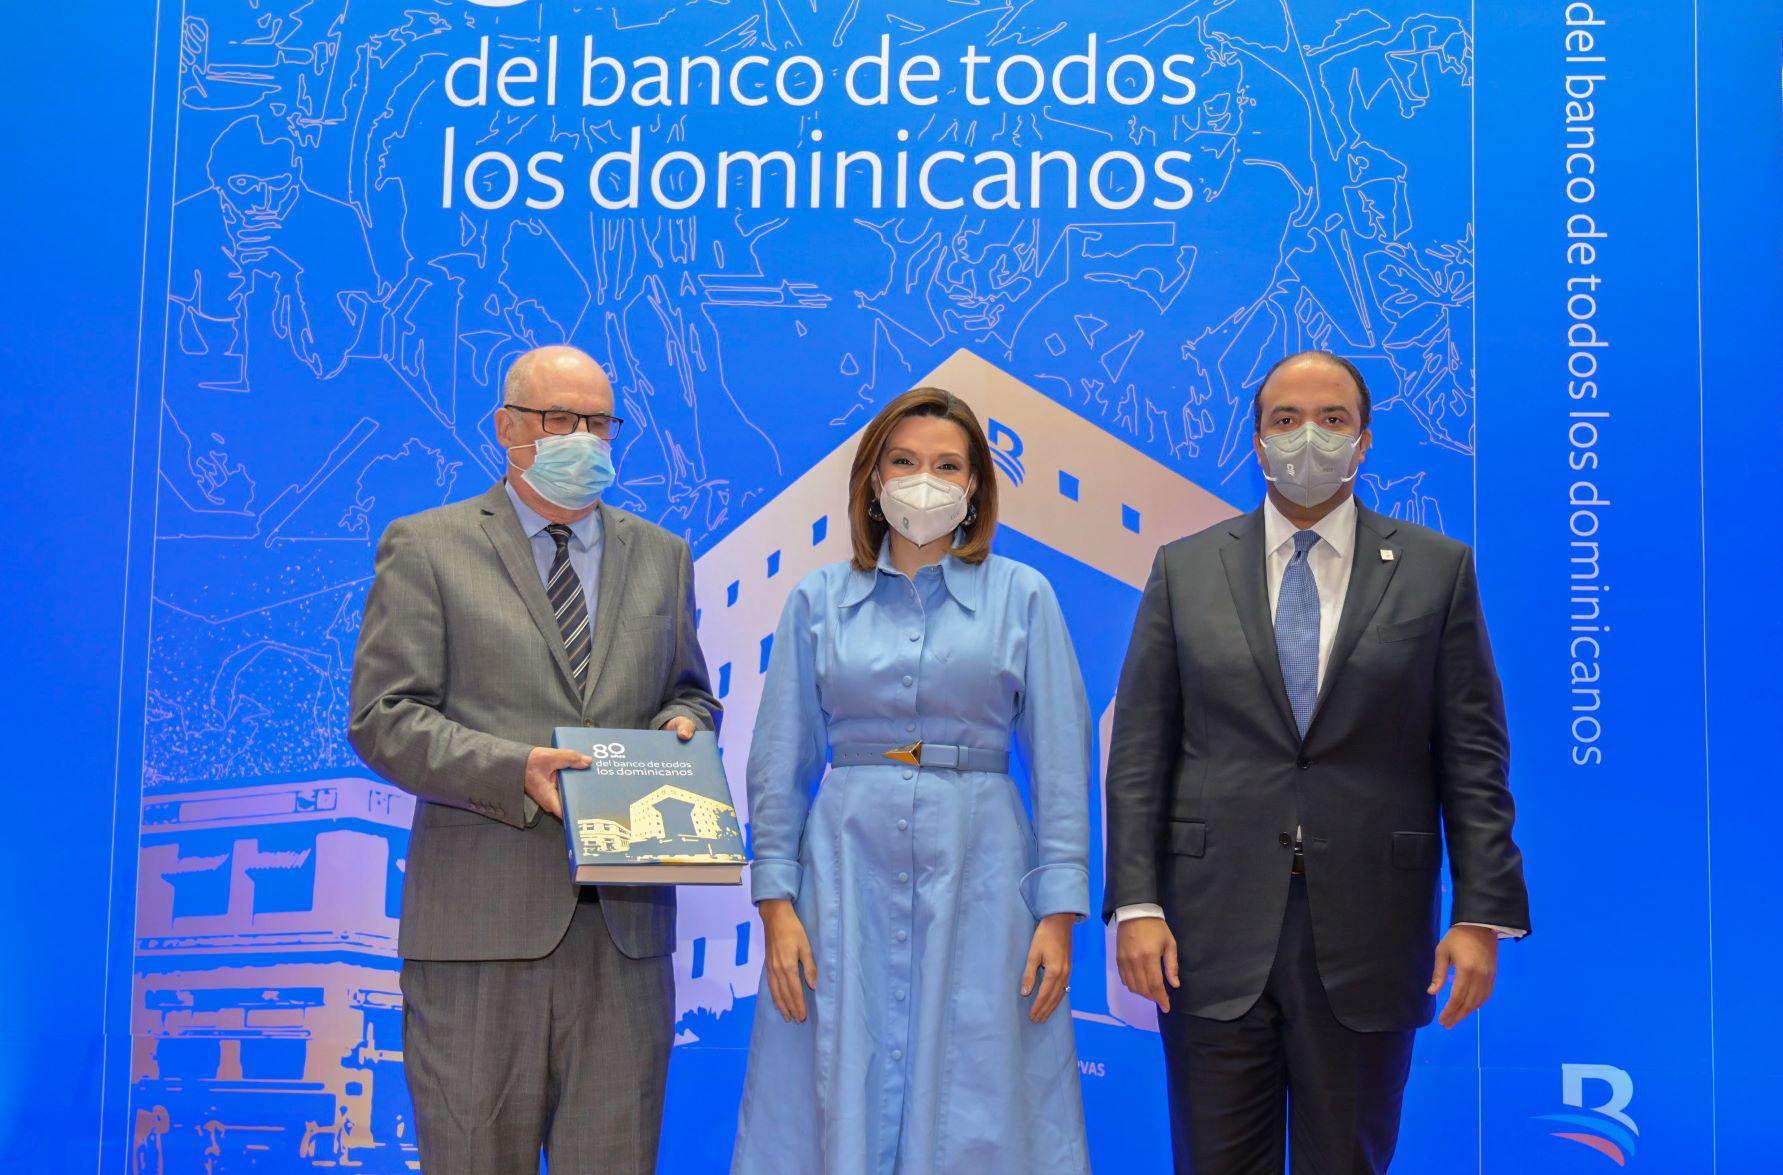 """Puesta en circulación de Banreservas, del libro """"80 años del Banco de todos los dominicanos""""."""